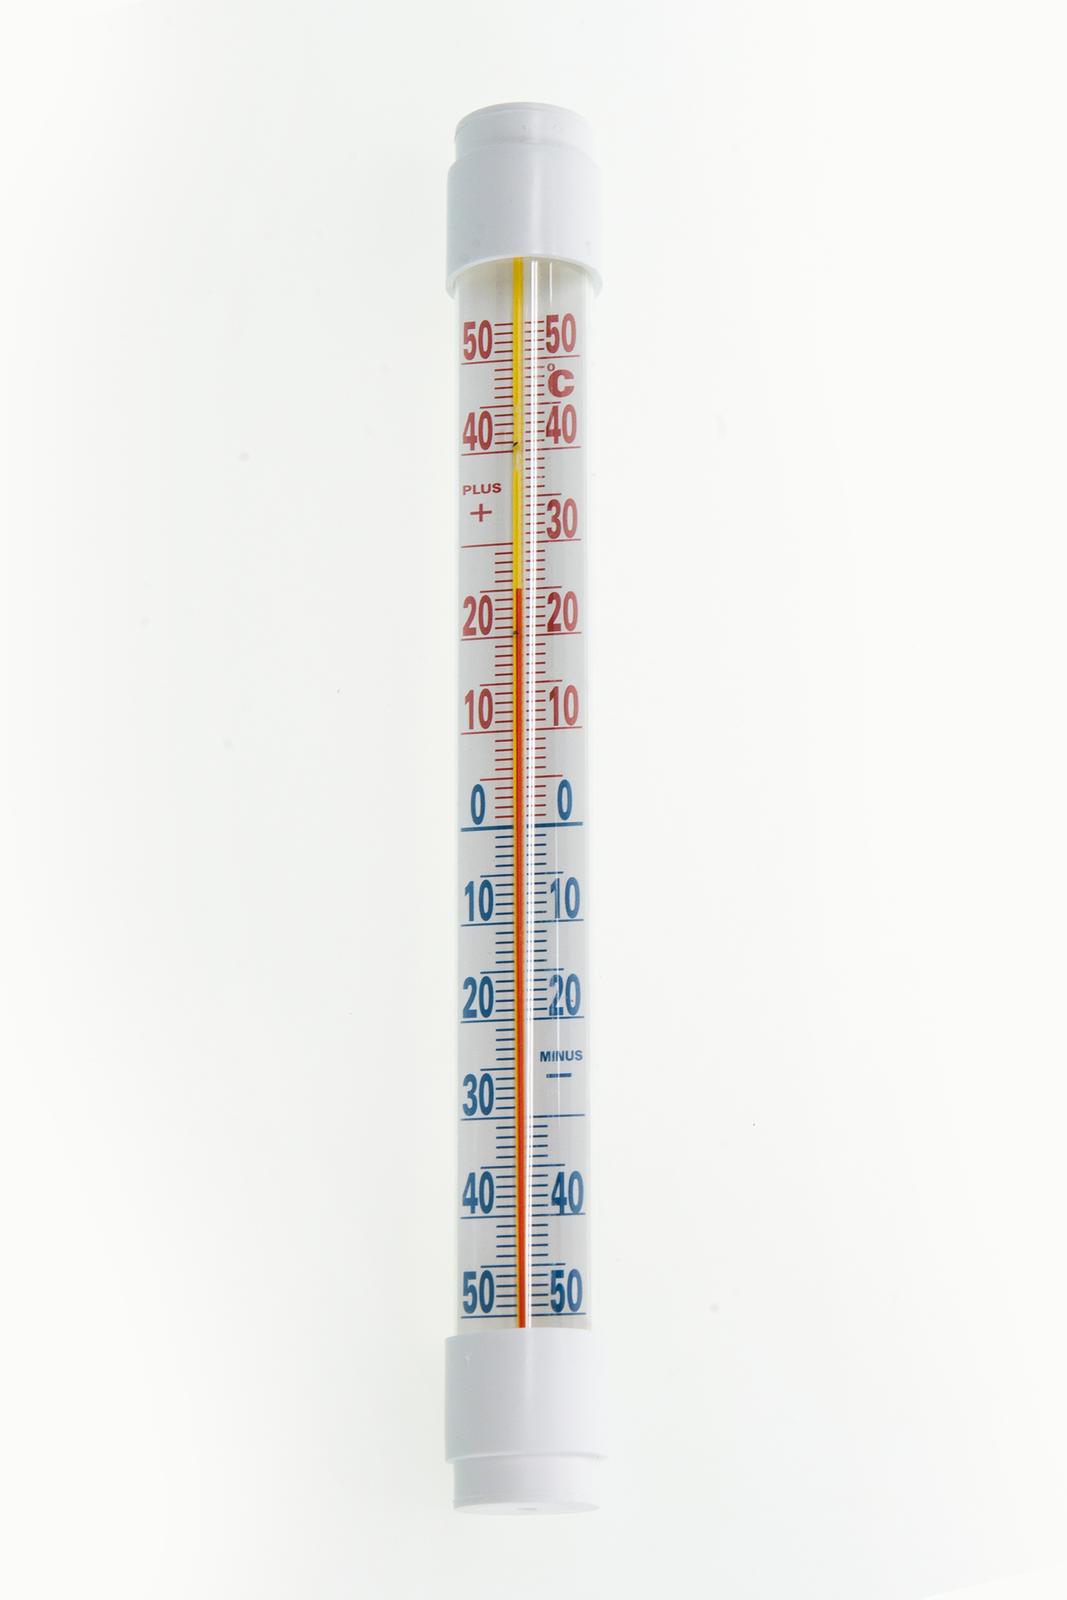 Na zdjęciu przyrząd wformie długiej białej rurki. Składa się zze zbiornika zcieczą który jest połączony zcienką szklaną rurką. Umieszczona wzdłuż niej skala umożliwia odczyt temperatury.